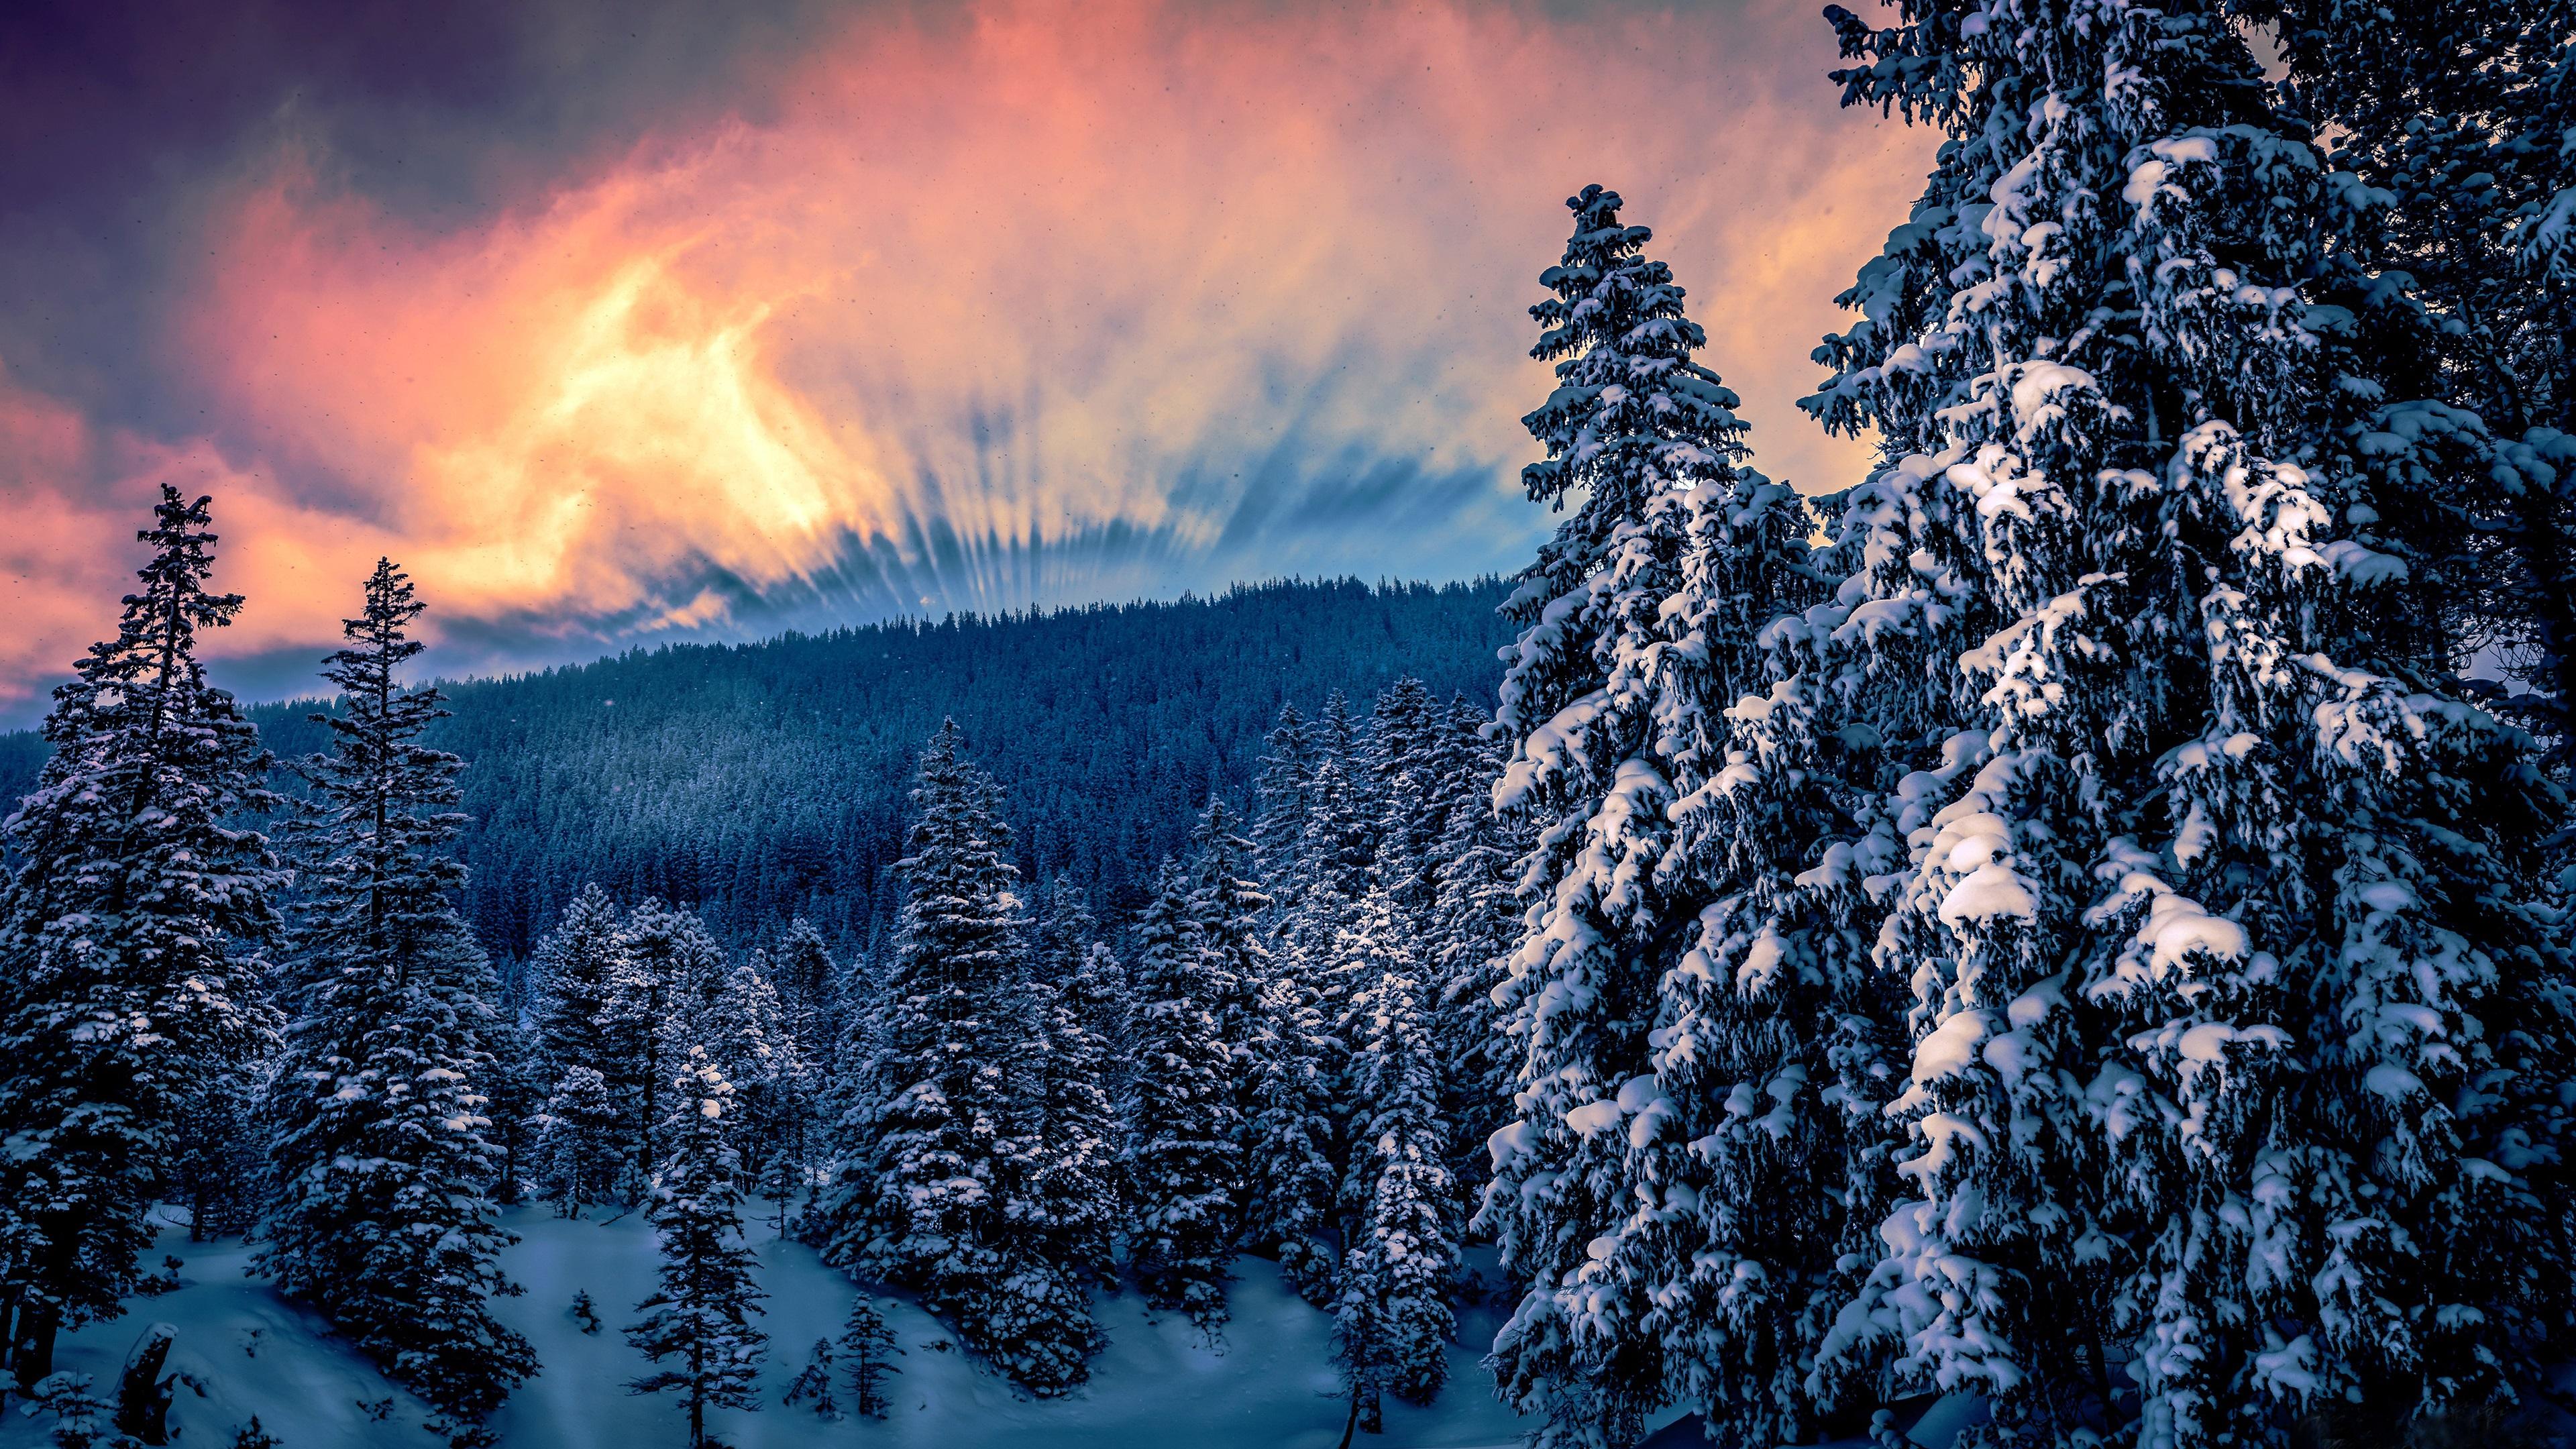 природа лес деревья ели гора облака небо  № 2757490 загрузить